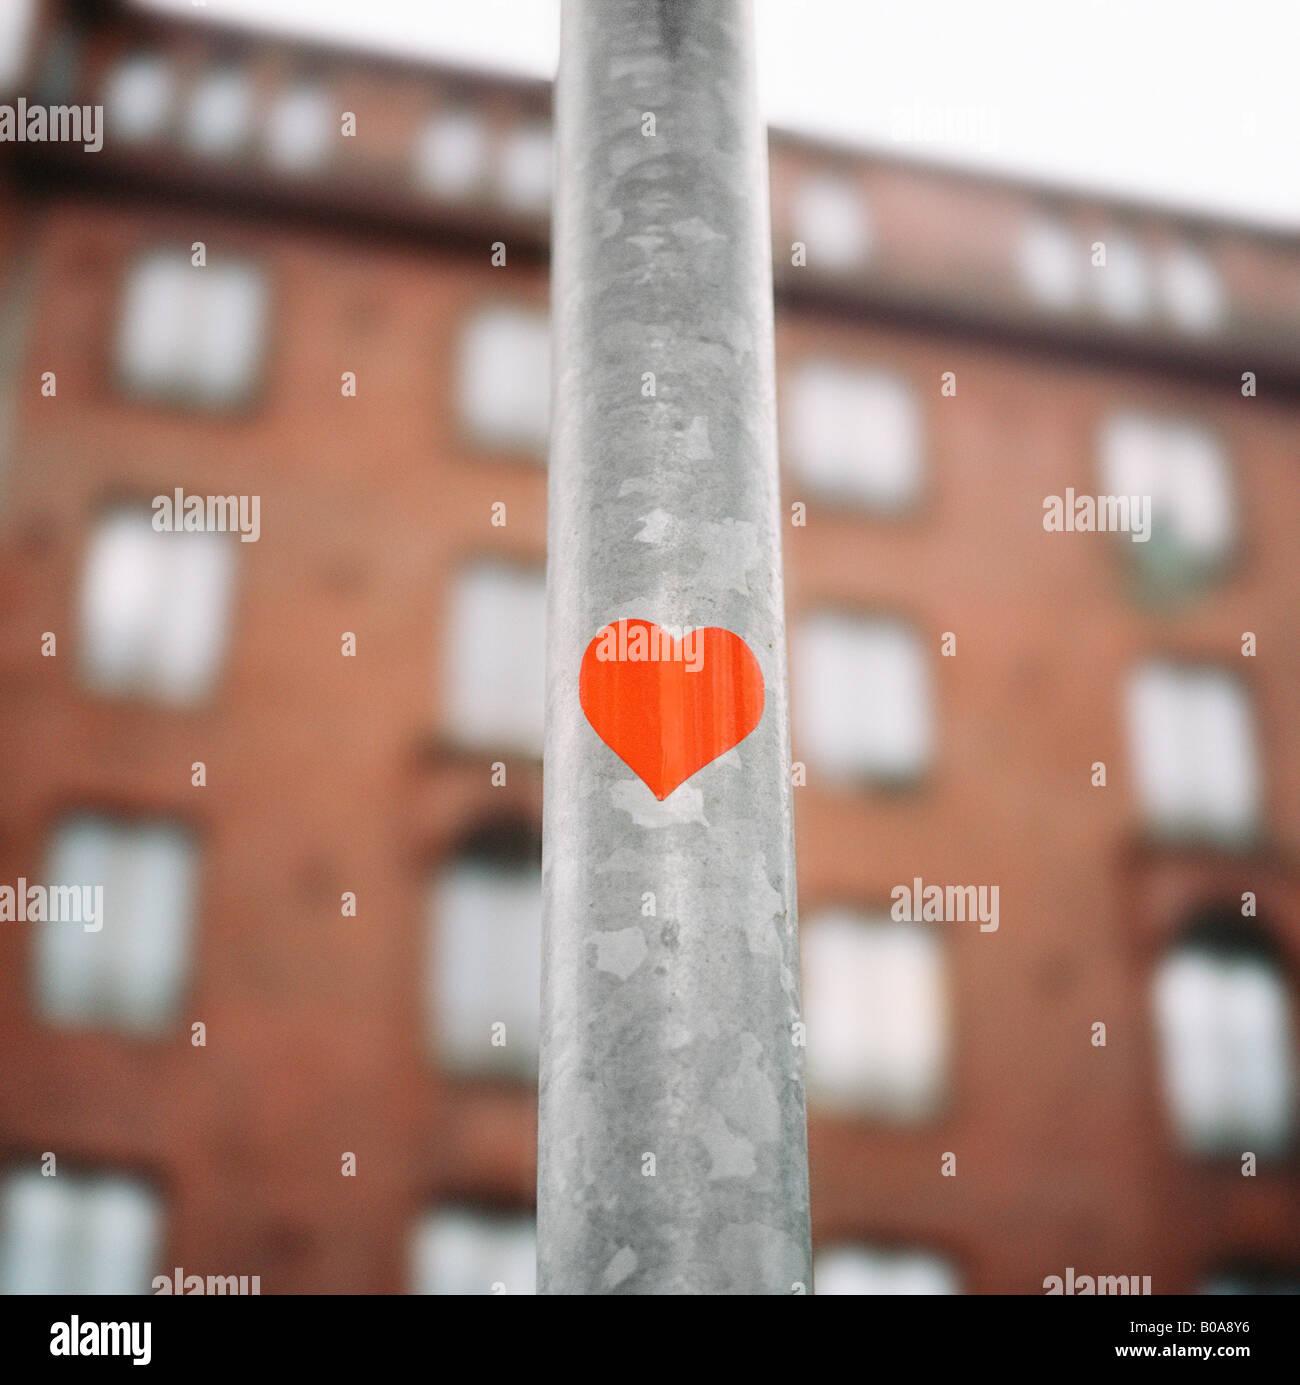 Angolo basso in prospettiva di una forma di cuore su un palo Immagini Stock